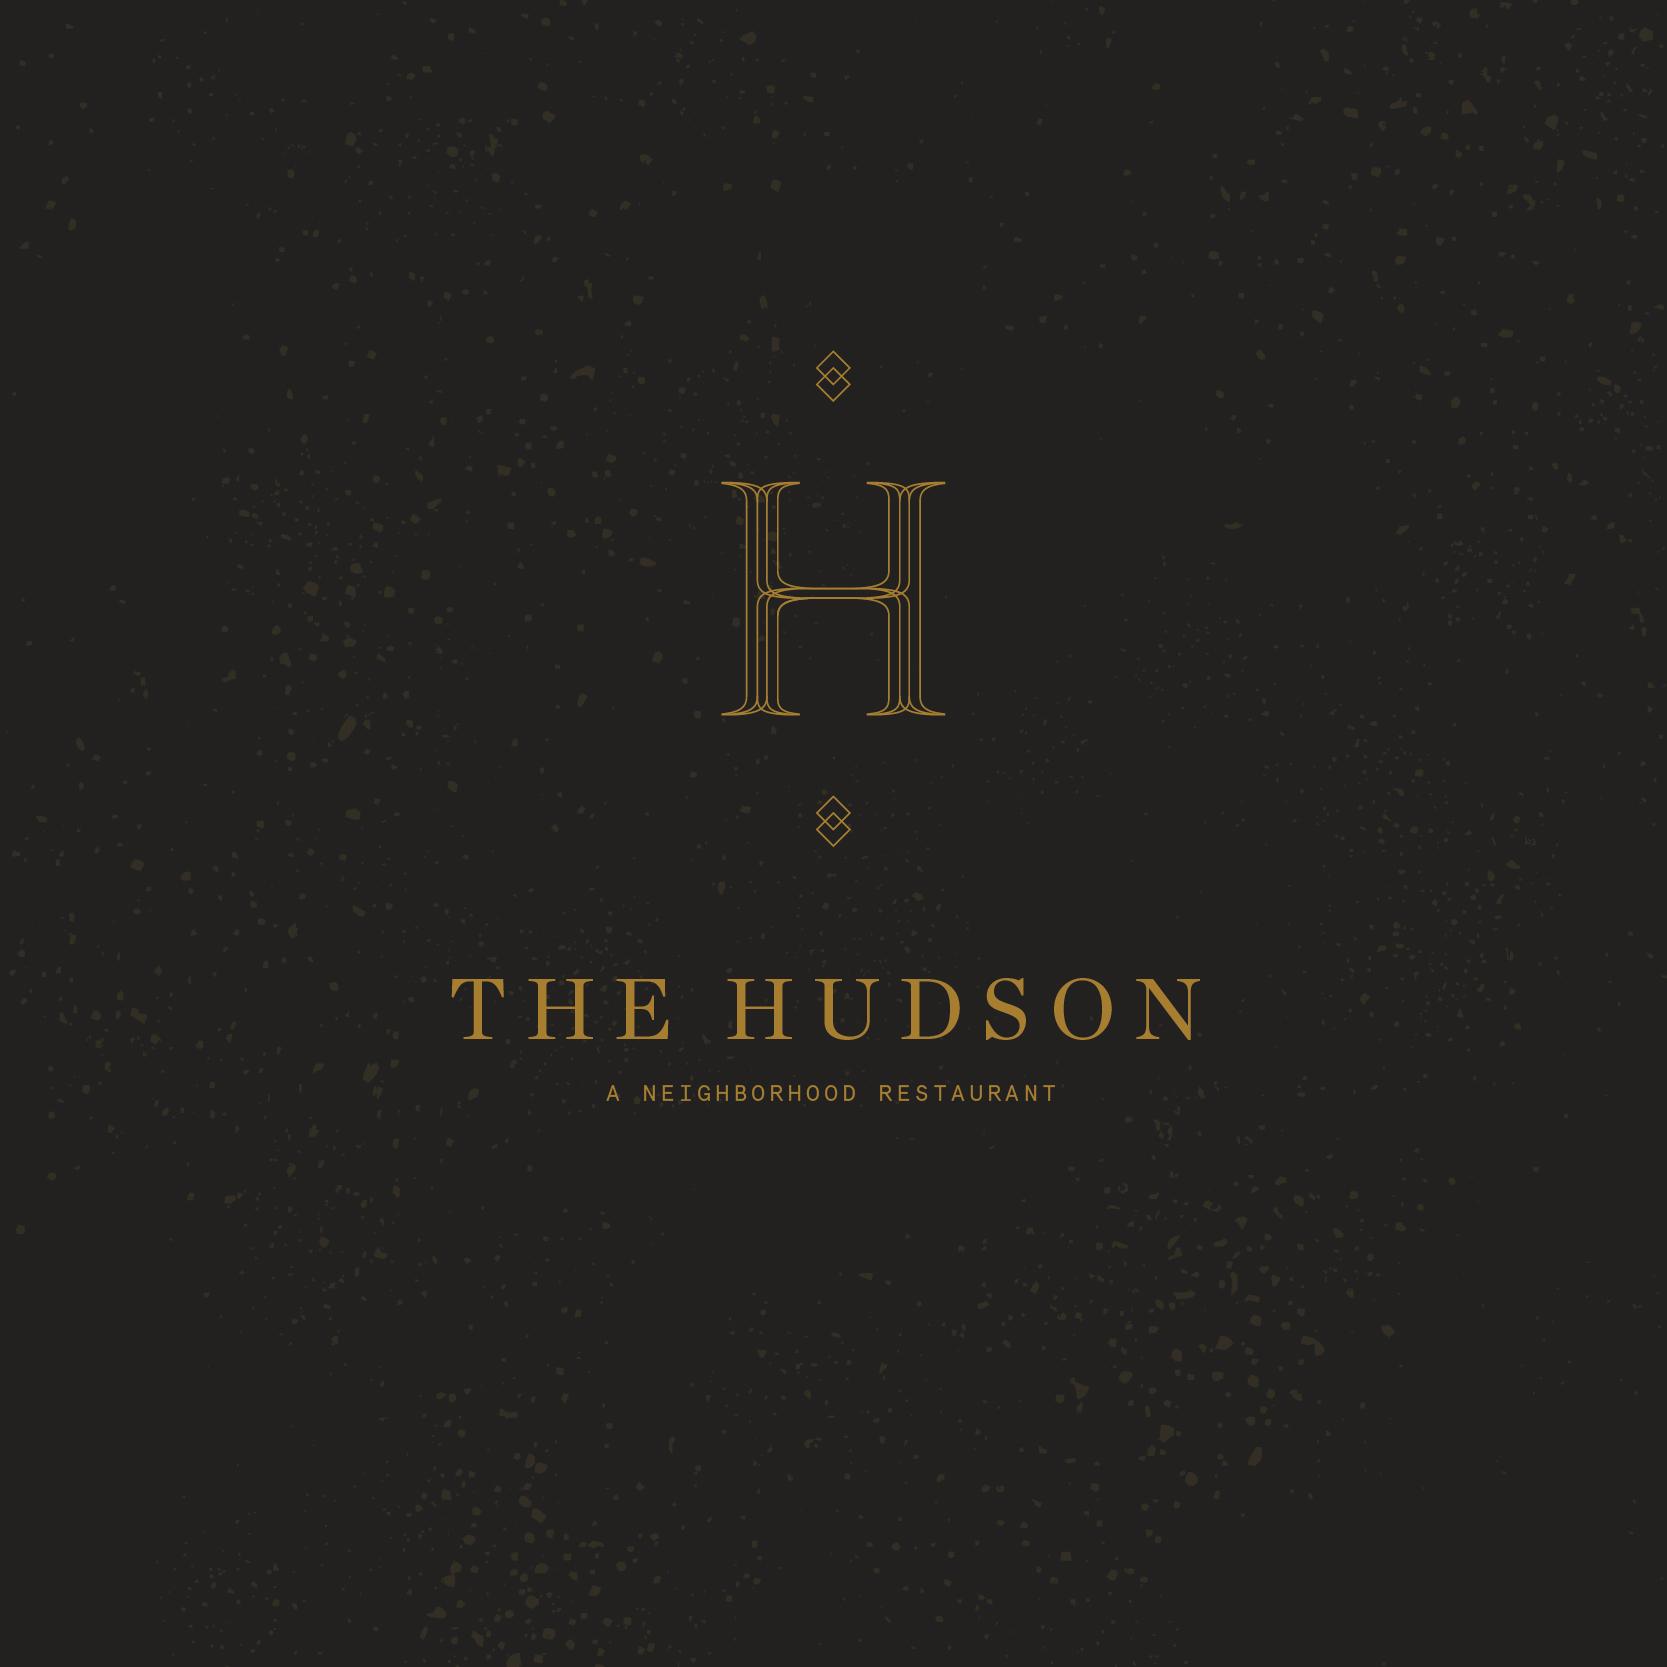 TheHudson_Portfolio-05.jpg